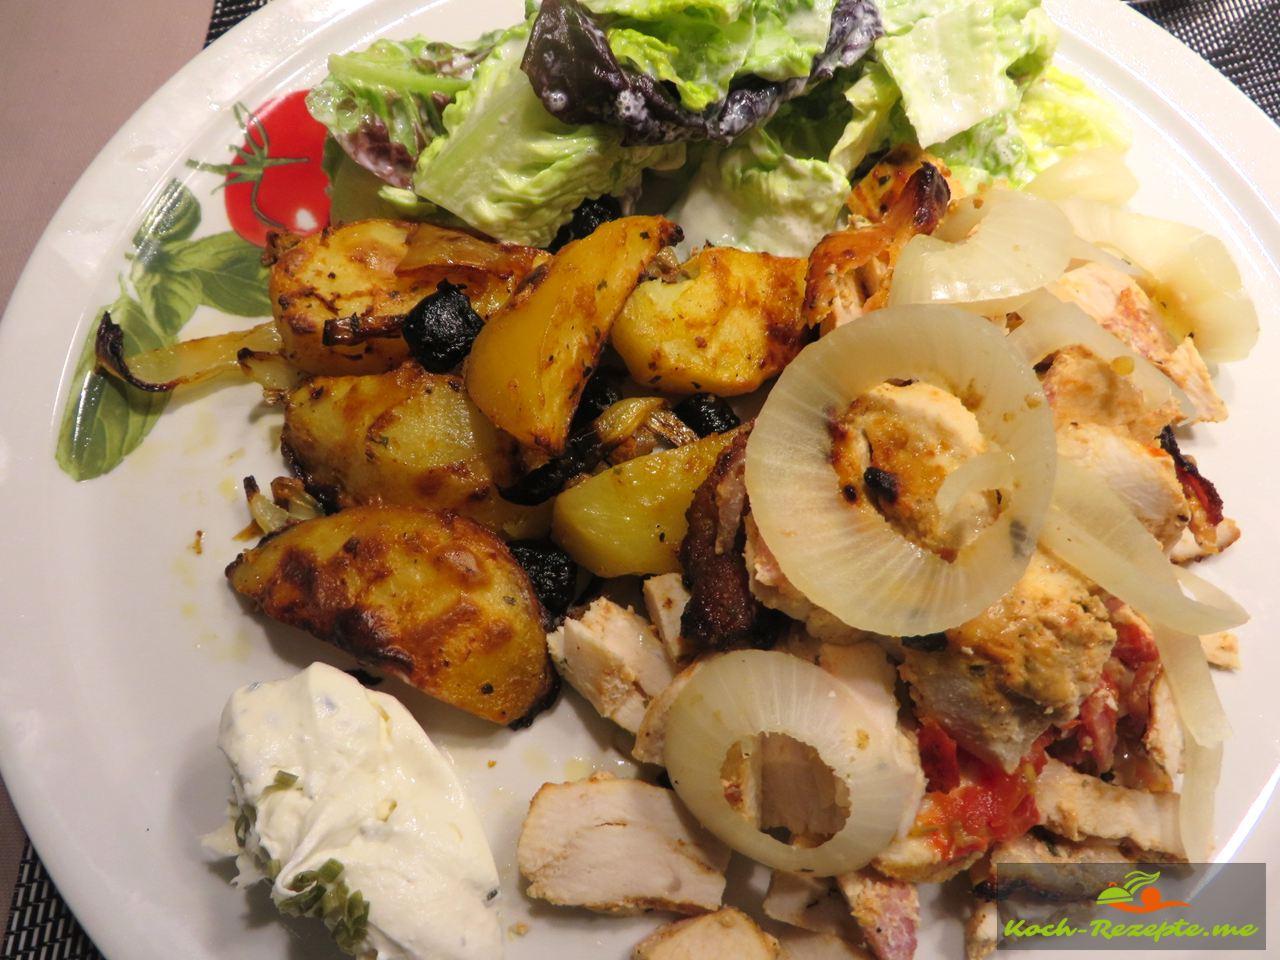 ein Teller Hähnchen-Gyros Spieß mit Kartoffelecken und Salat